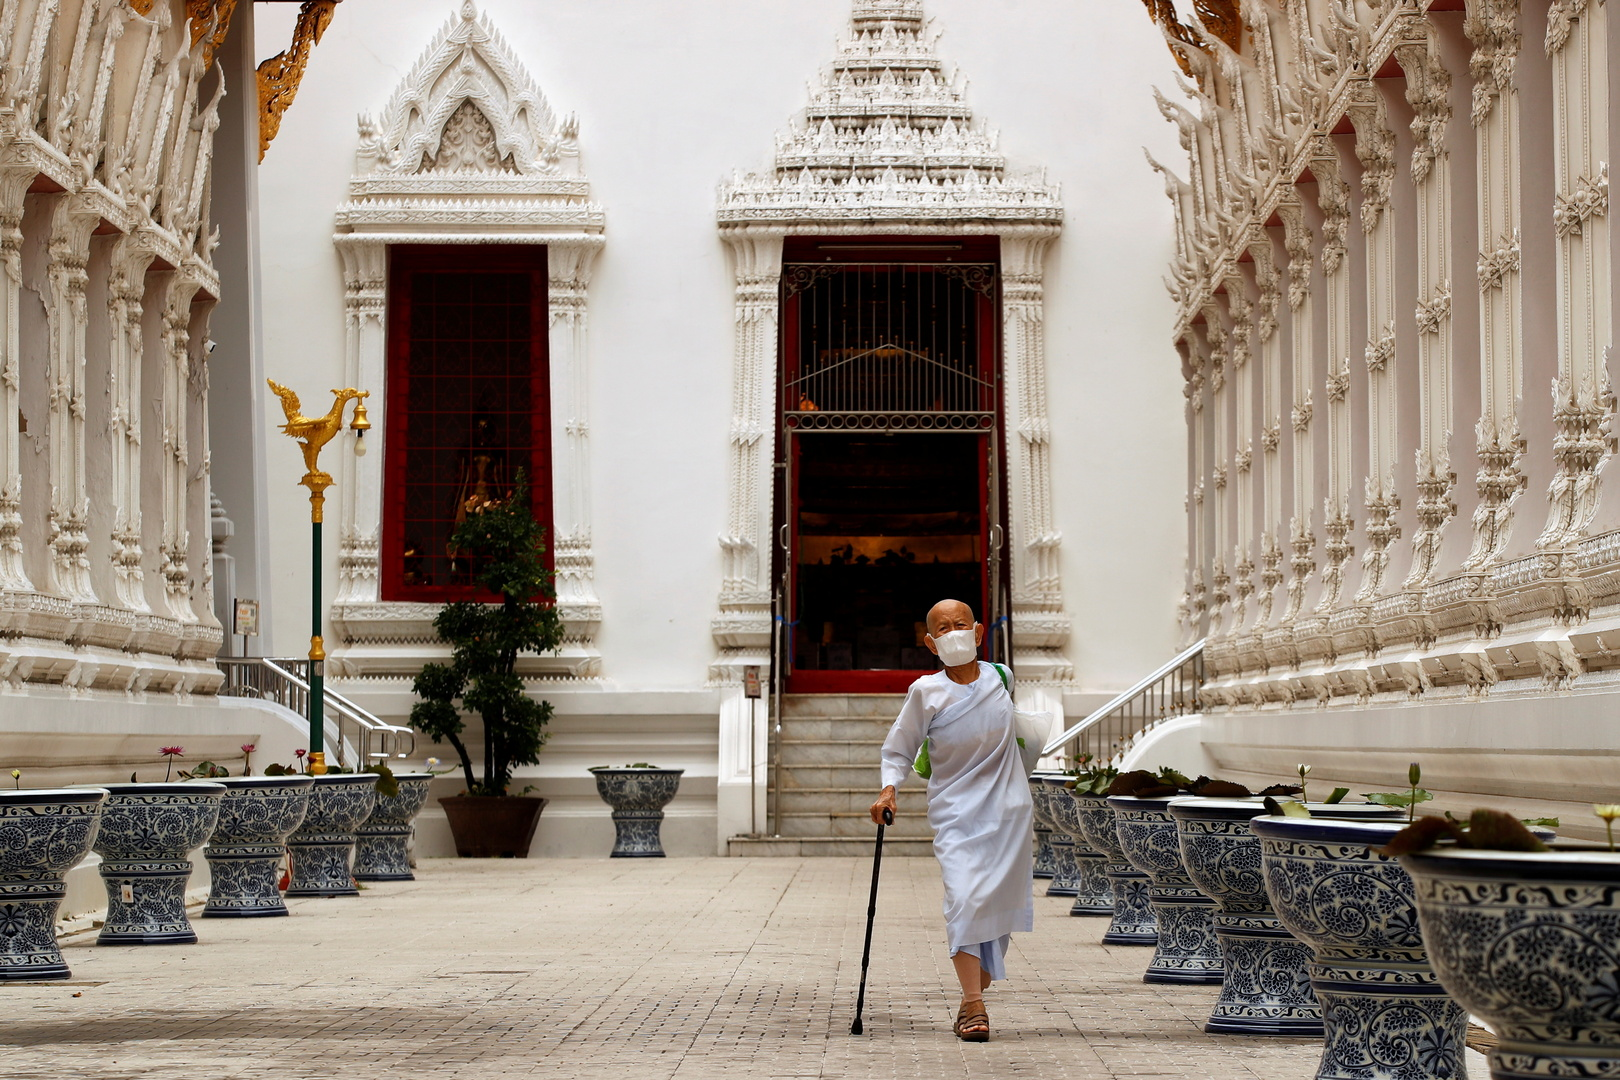 تايلاند..غرامة عدم ارتداء الكمامة قد تصل إلى أكثر من 600 دولار